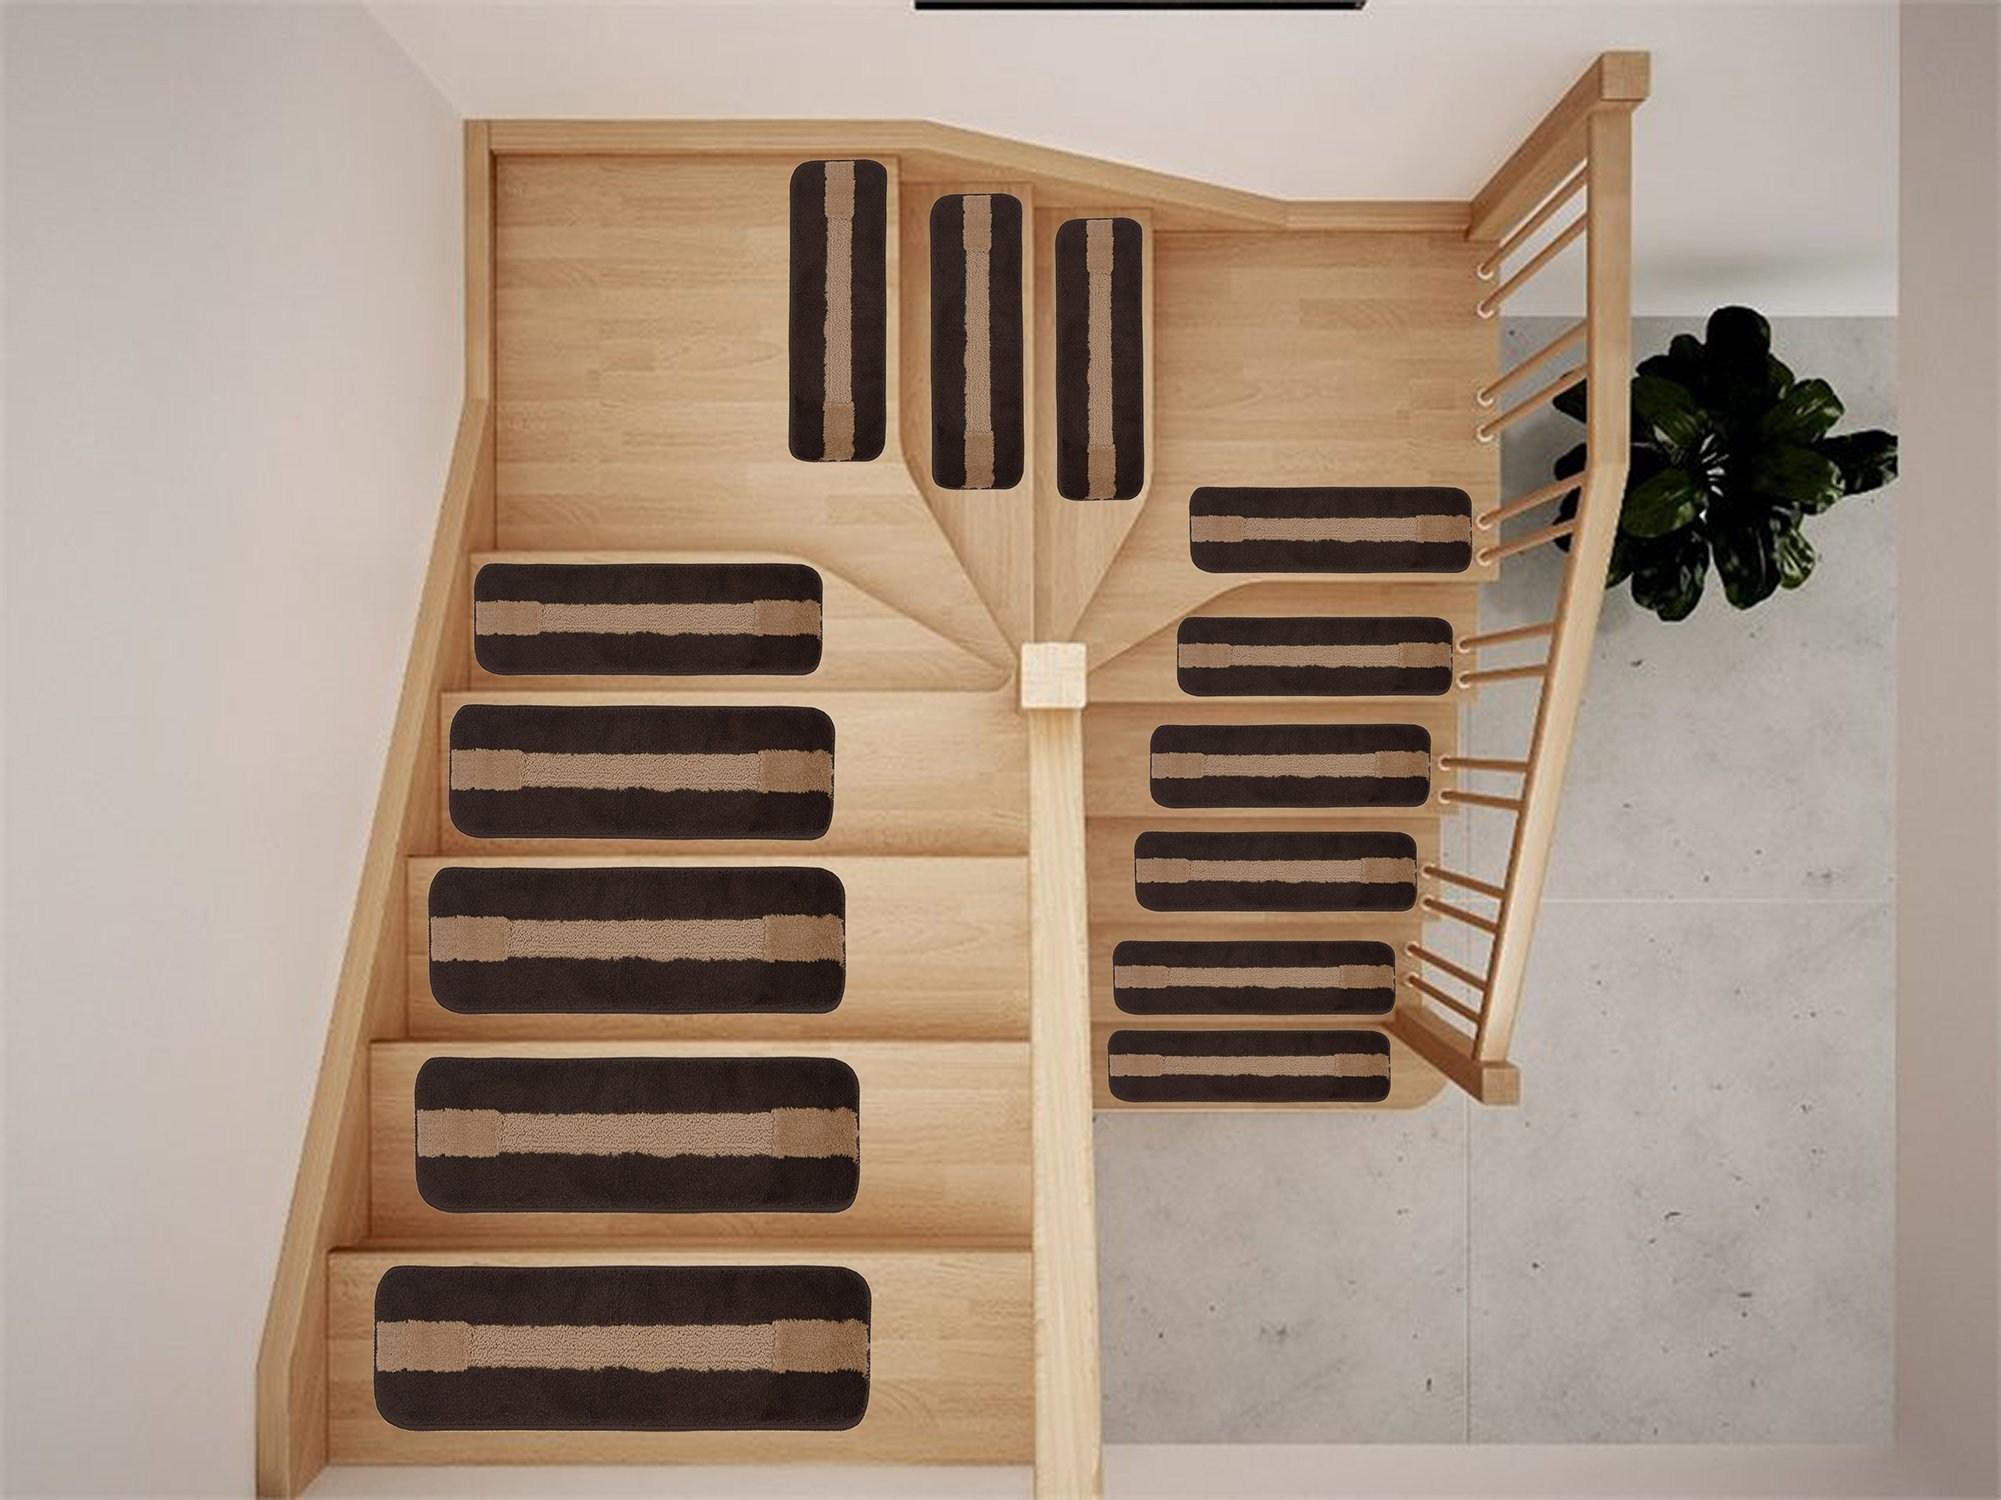 Luxury Stair Tread Treads Indoor Skid Slip Resistant Carpet Stair   Indoor Carpet Stair Treads   Oak Valley   Rug Indoor   Indoor Outdoor   Mat   Stair Runner